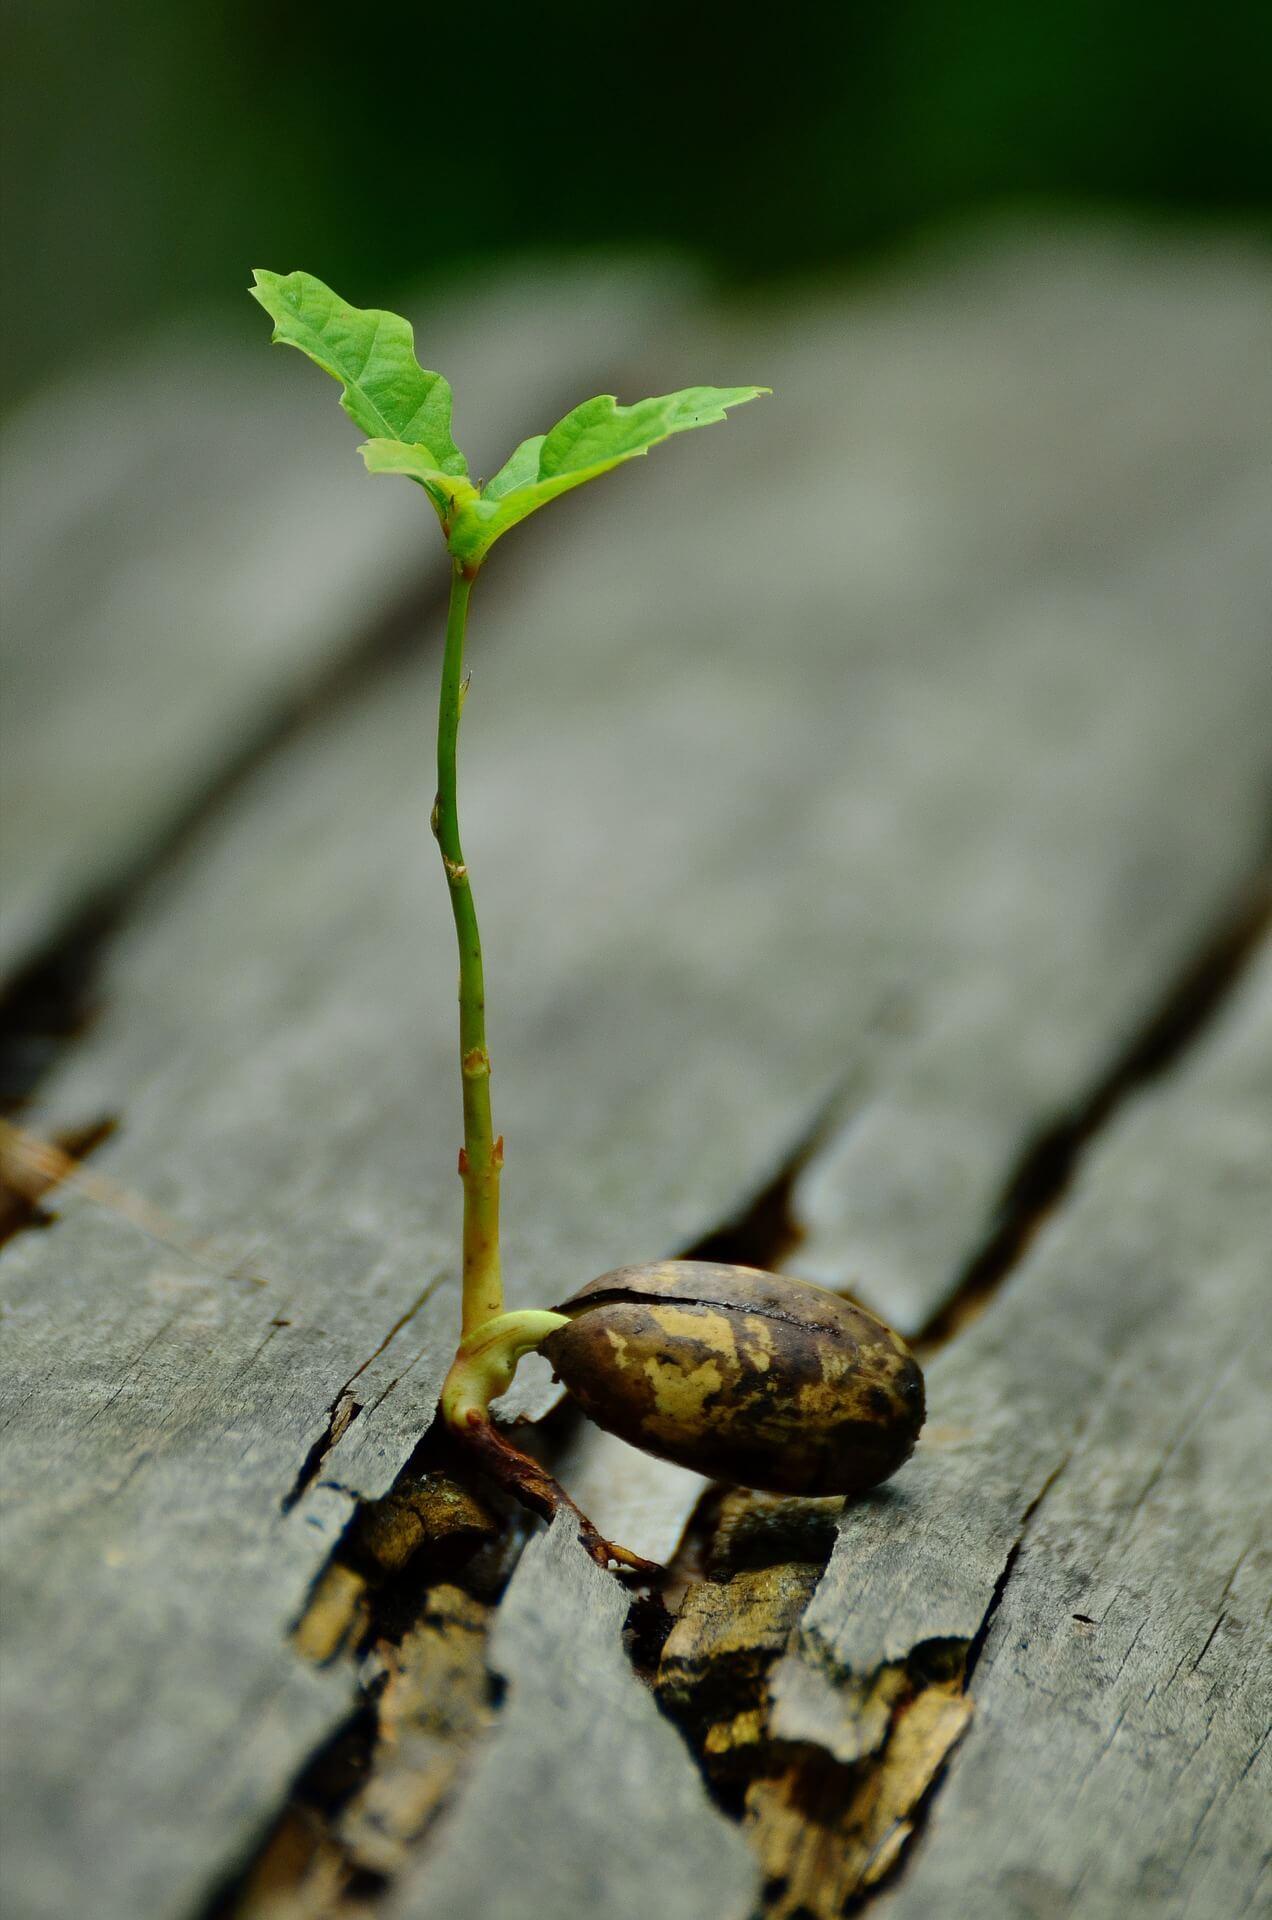 Eichen Keimling wächst auf Holz